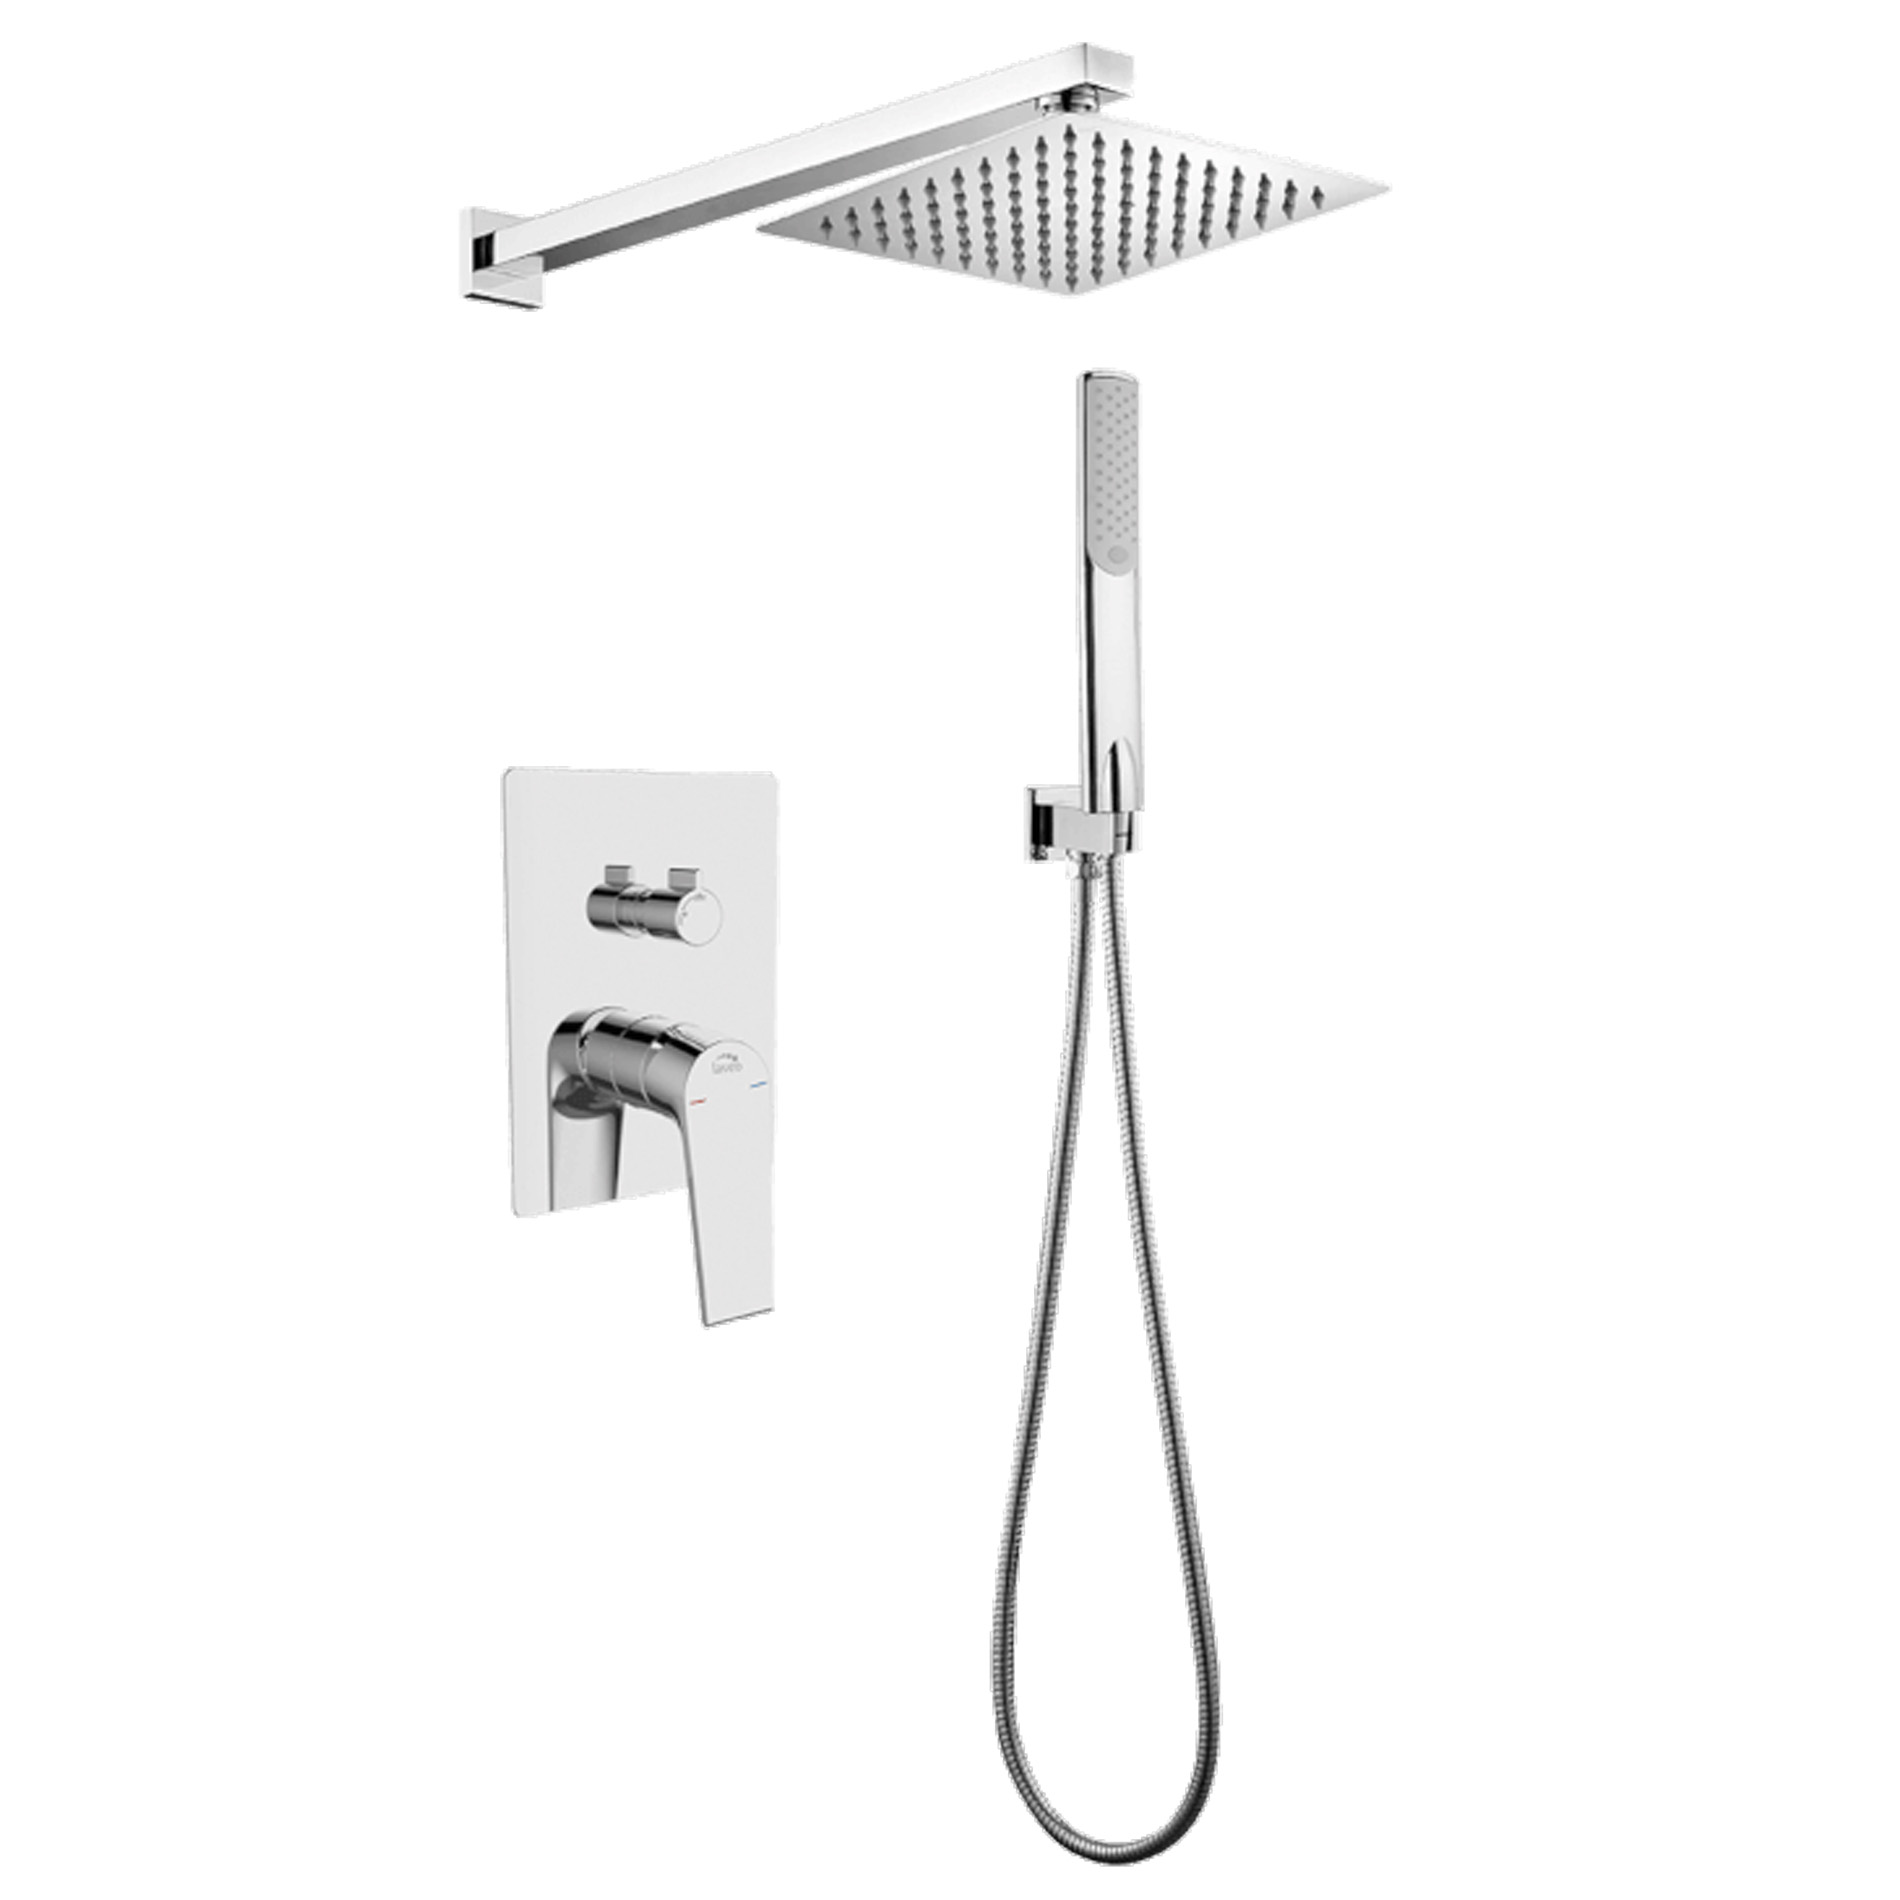 Full Size of Unterputz Duscharmatur Set Armatur Duschsystem Tropenschauer Bluetooth Lautsprecher Dusche Abfluss Einbauen Armaturen Küche Begehbare Ohne Tür Thermostat Dusche Unterputz Armatur Dusche